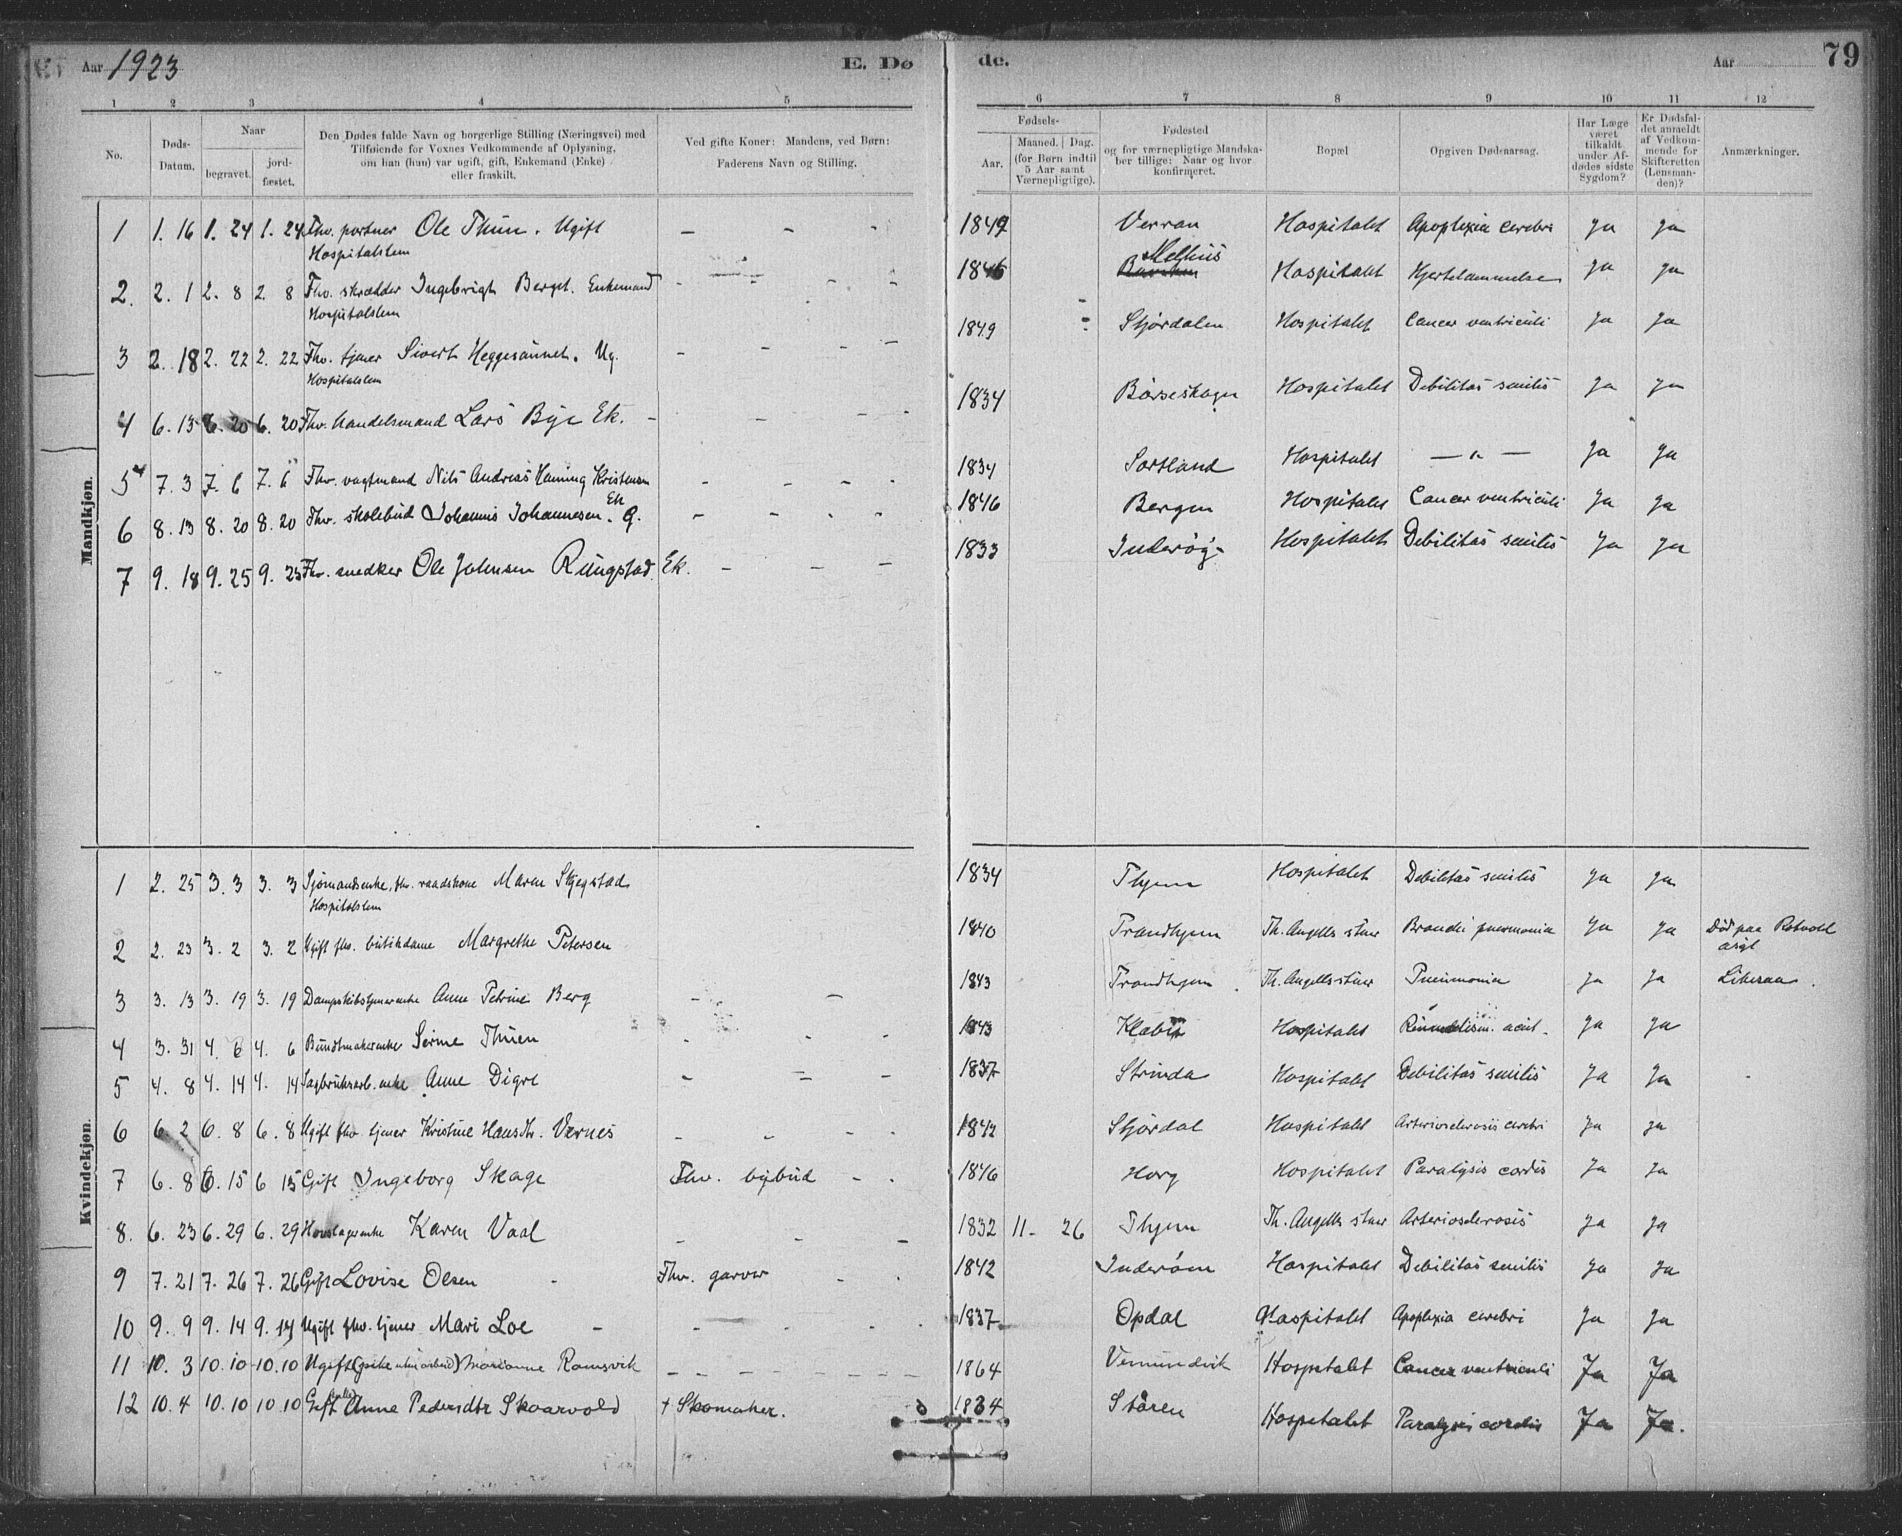 SAT, Ministerialprotokoller, klokkerbøker og fødselsregistre - Sør-Trøndelag, 623/L0470: Ministerialbok nr. 623A04, 1884-1938, s. 79